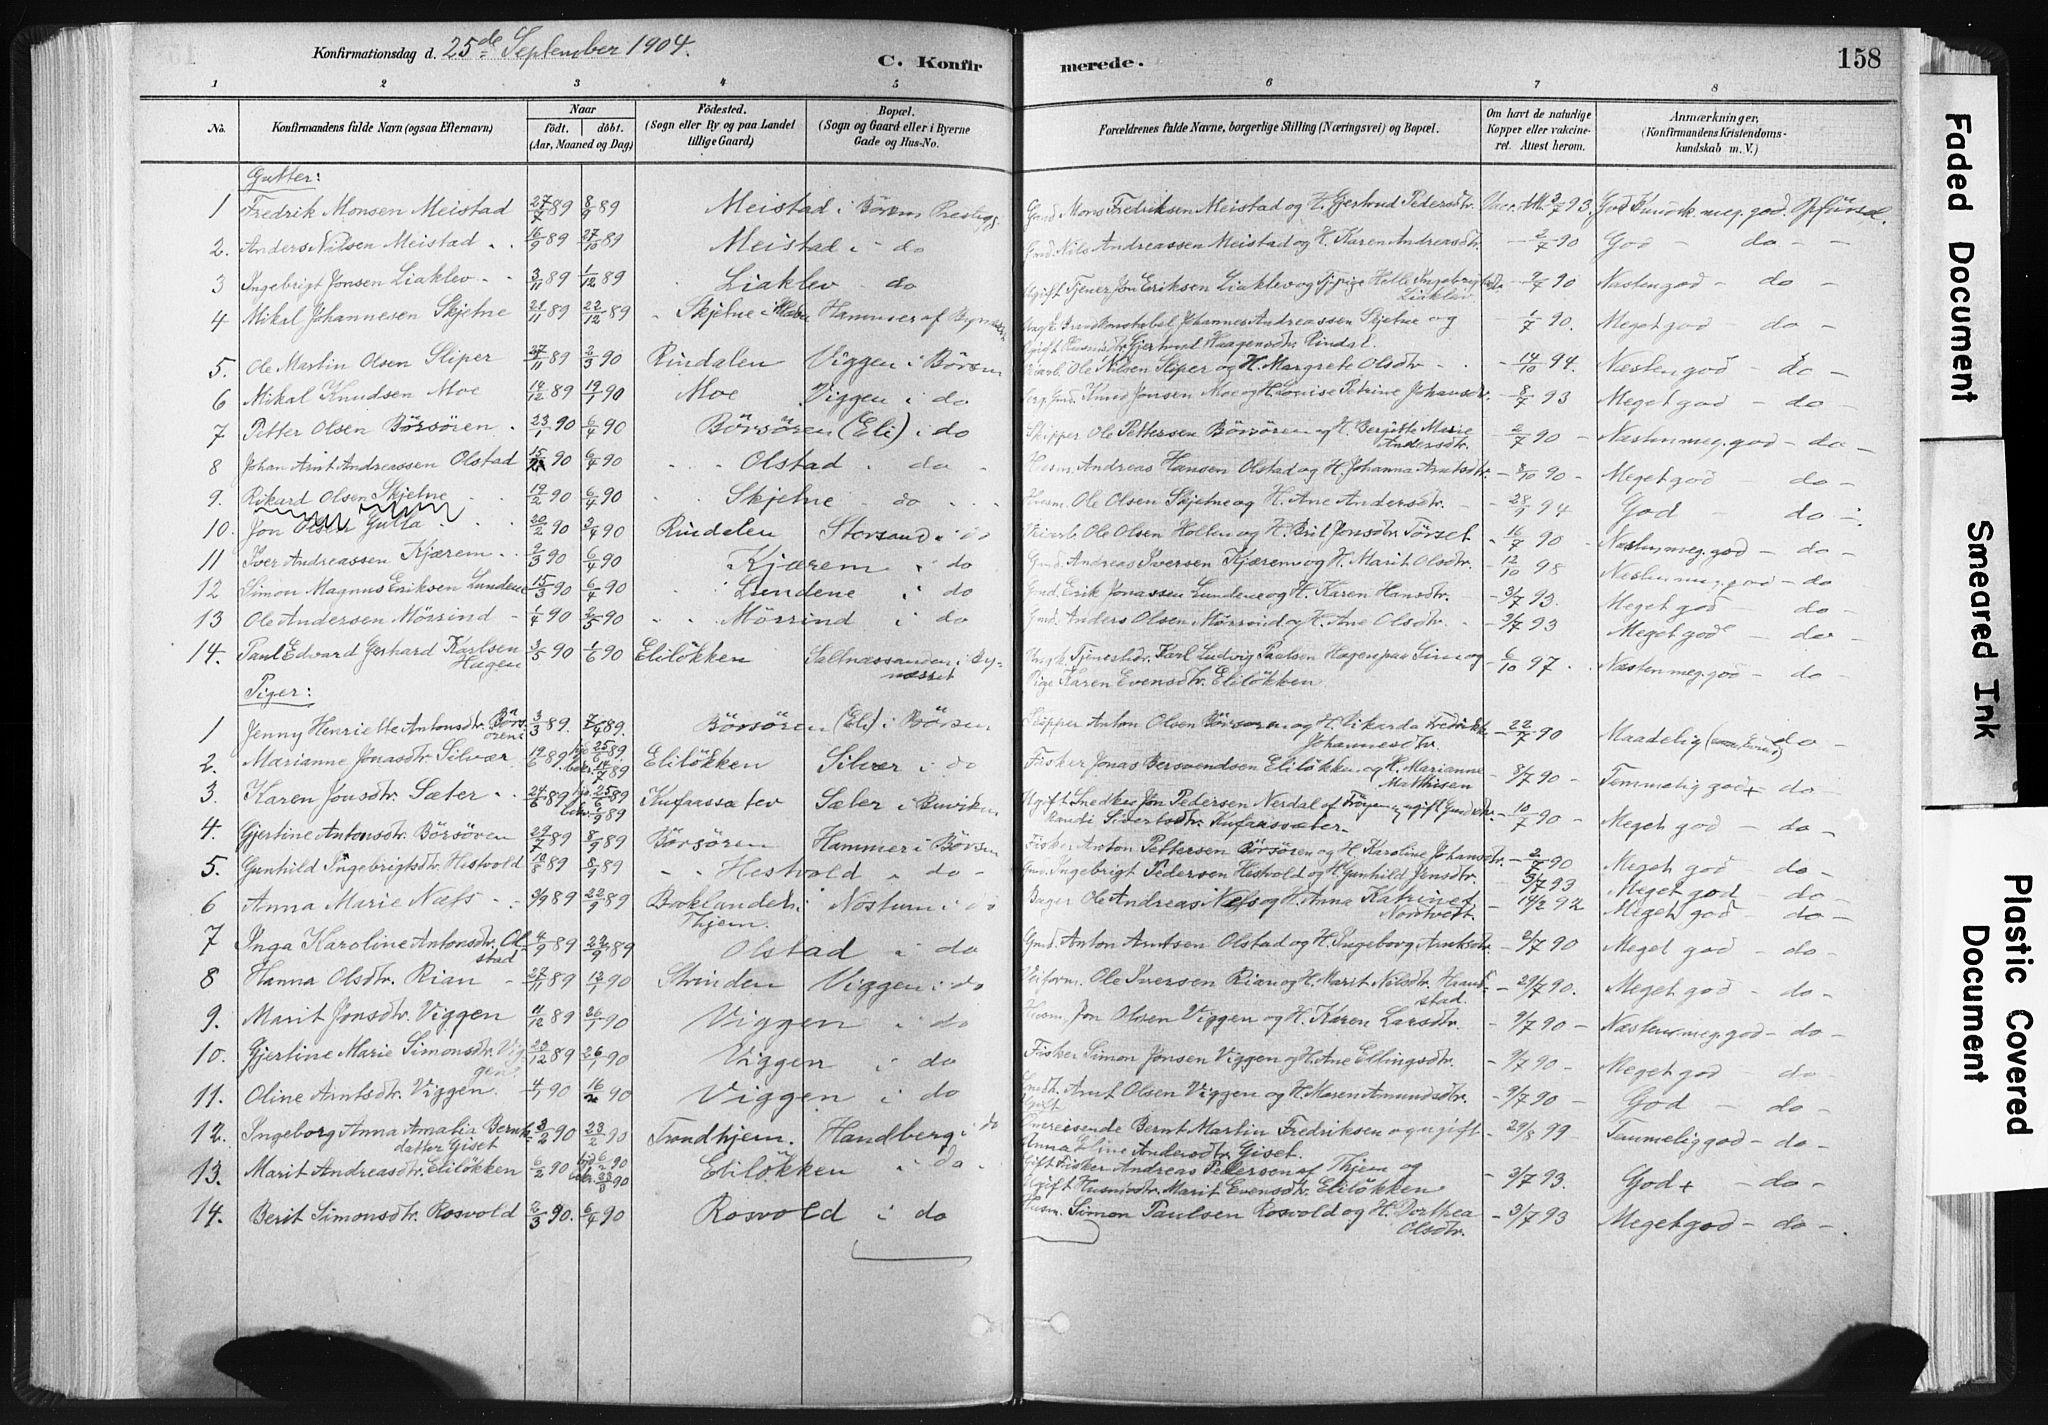 SAT, Ministerialprotokoller, klokkerbøker og fødselsregistre - Sør-Trøndelag, 665/L0773: Ministerialbok nr. 665A08, 1879-1905, s. 158